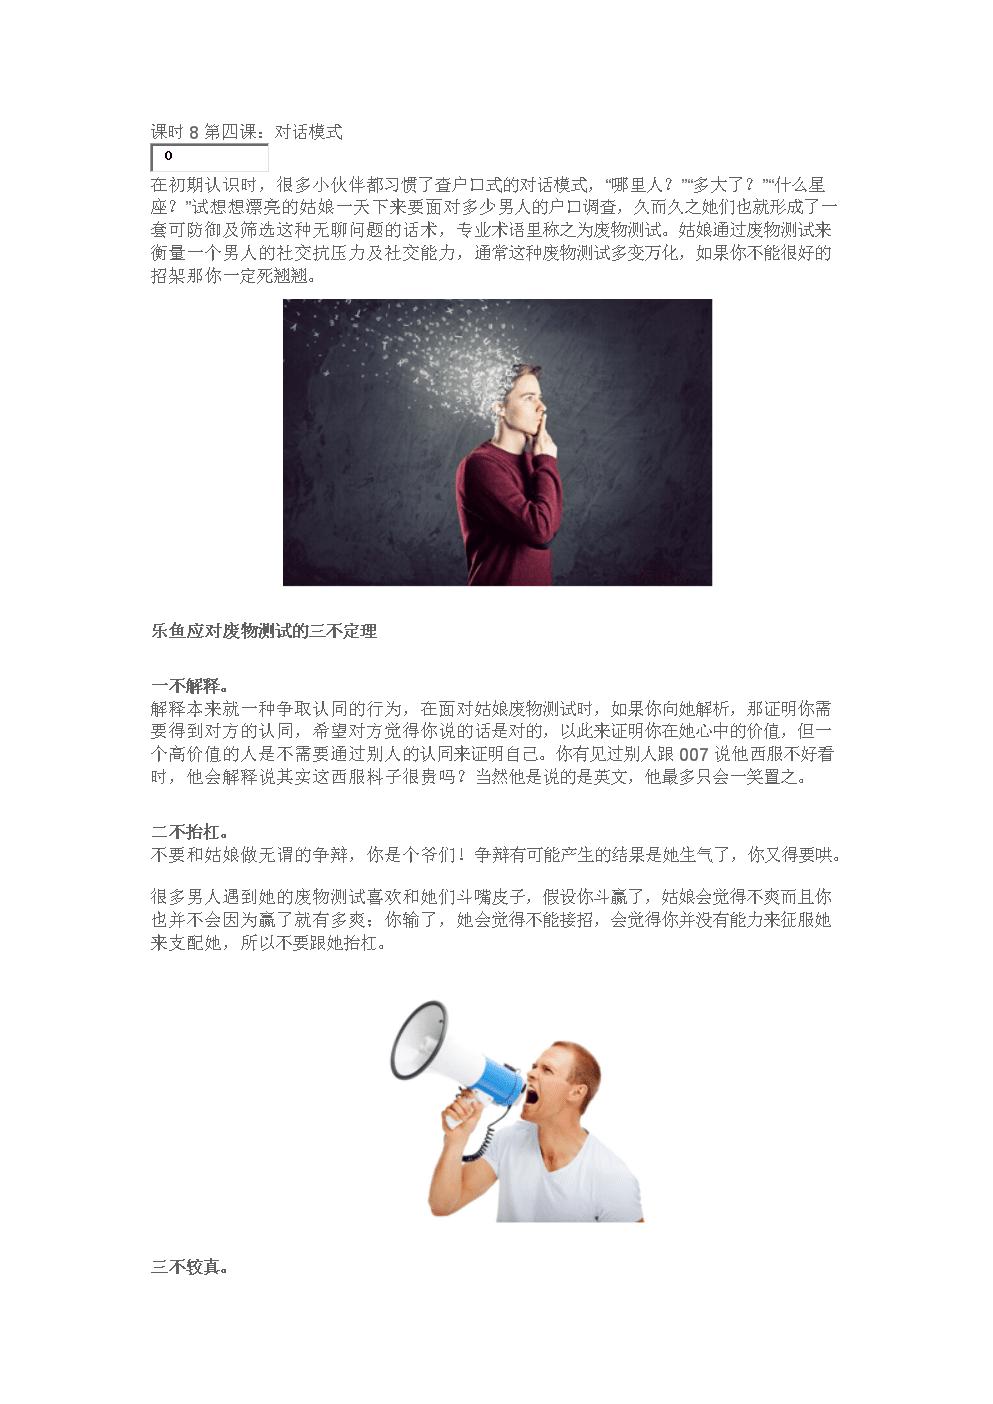 男士魅力培训对话模式.docx